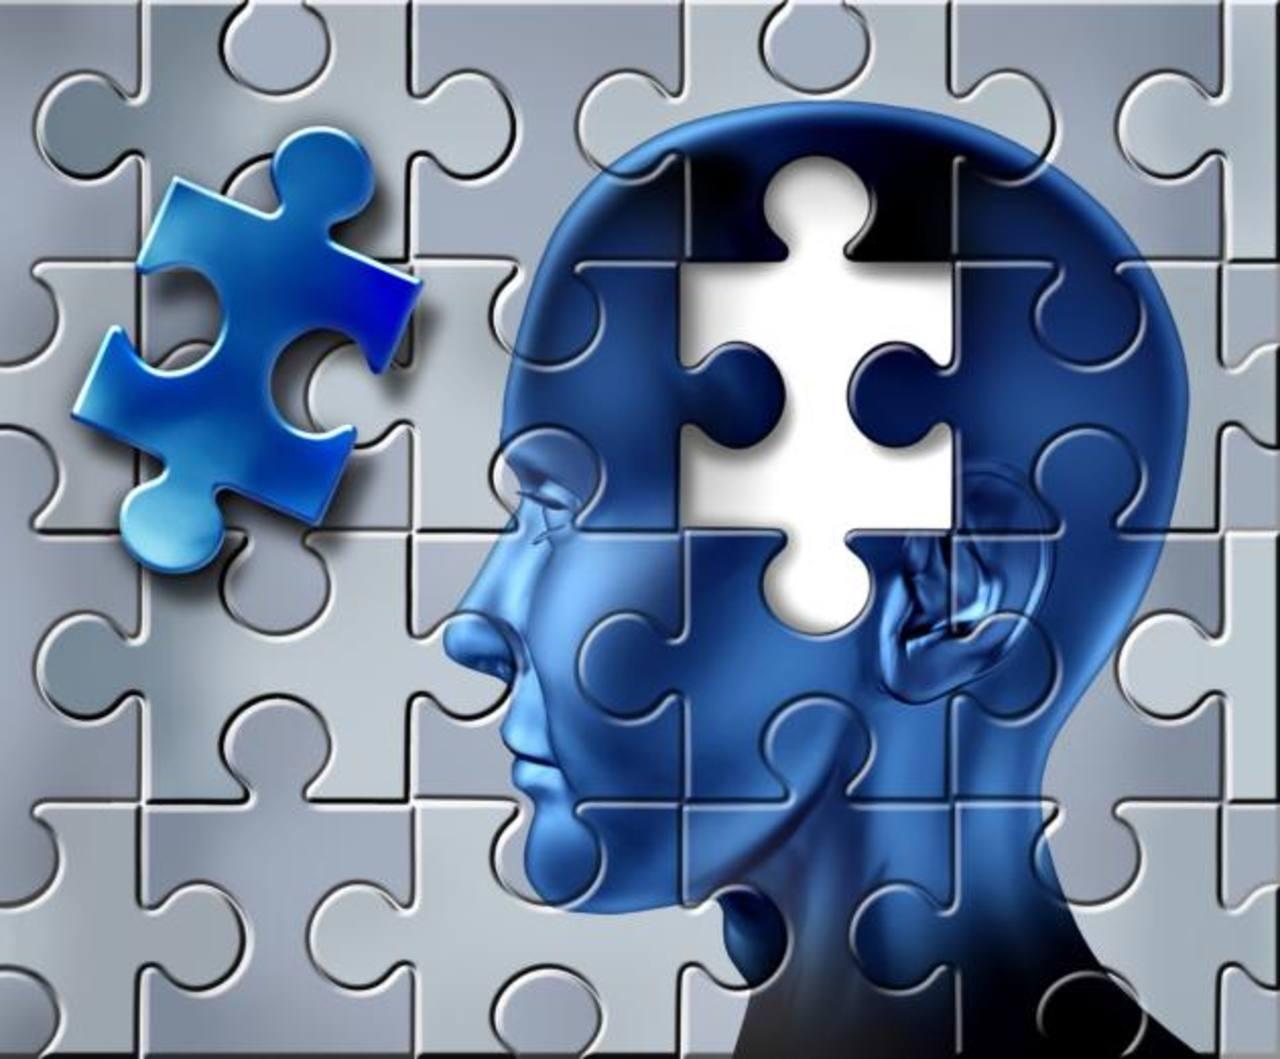 El Alzheimer se impone en la función cognitiva mediante el daño de la materia gris, según datos del estudio. foto EDH